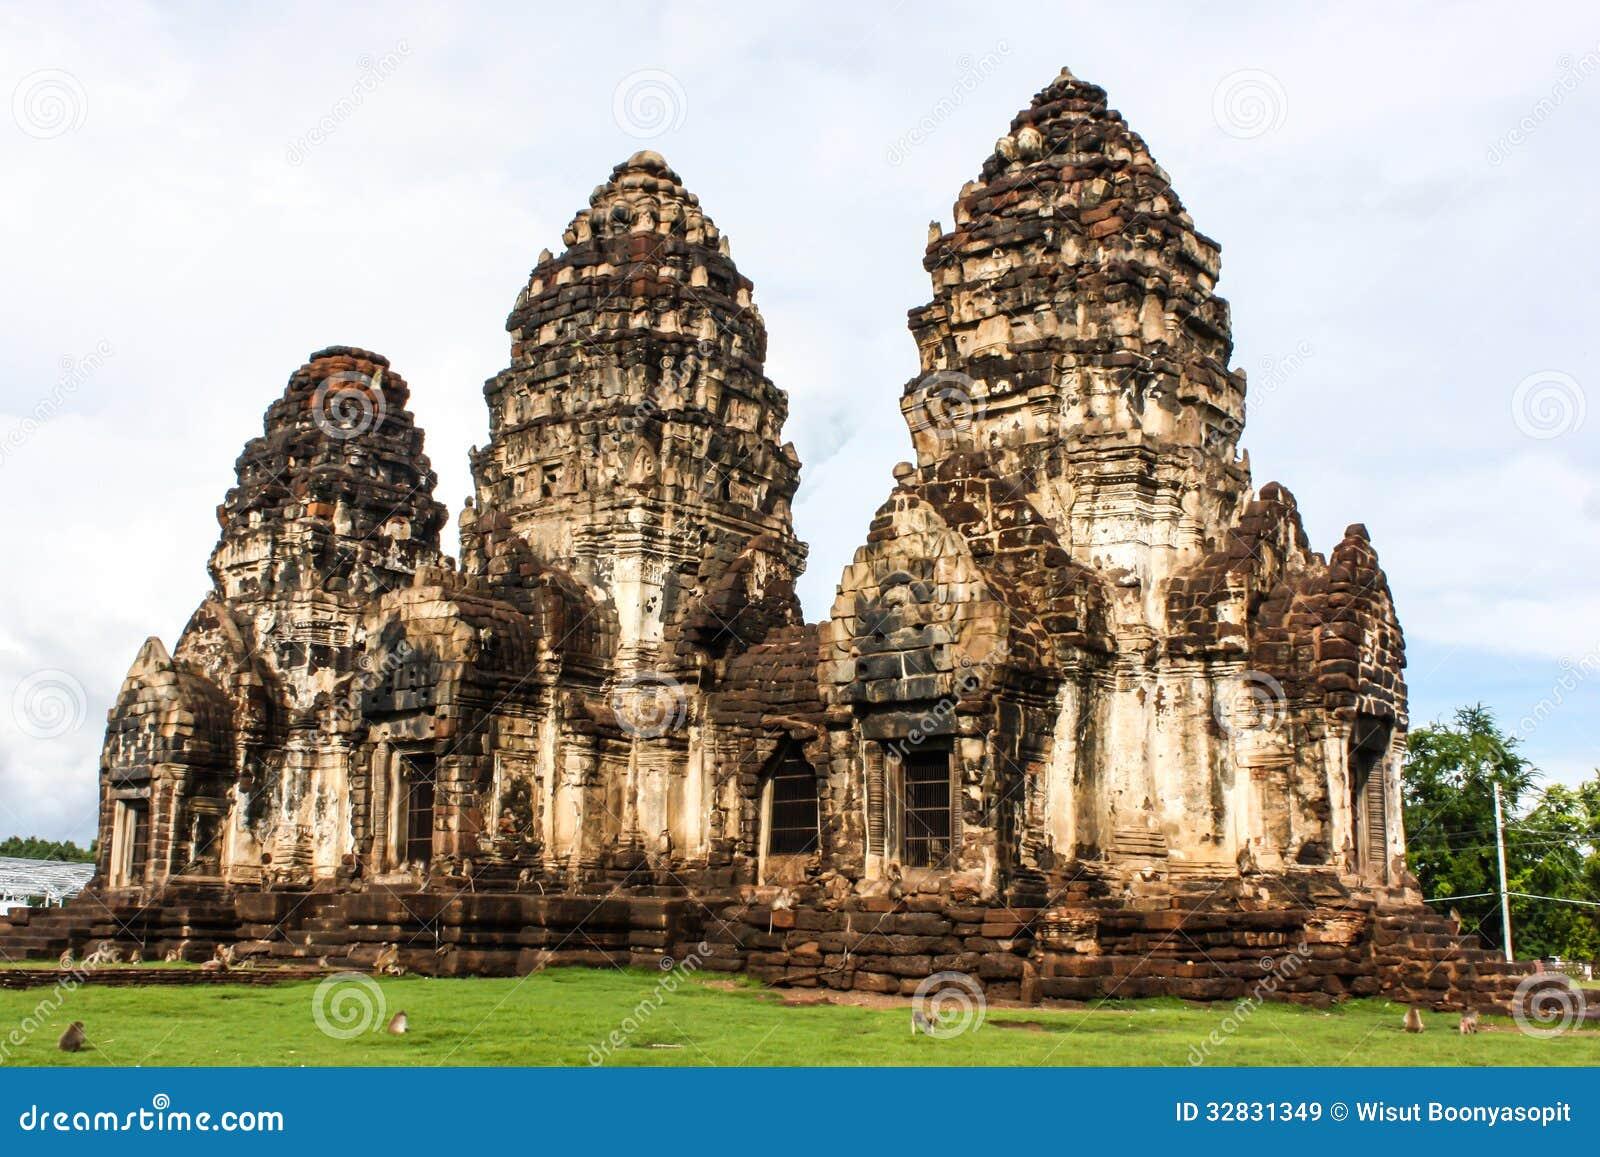 Arquitectura antigua tailandia de phra prang sam yot for Imagenes de arquitectura